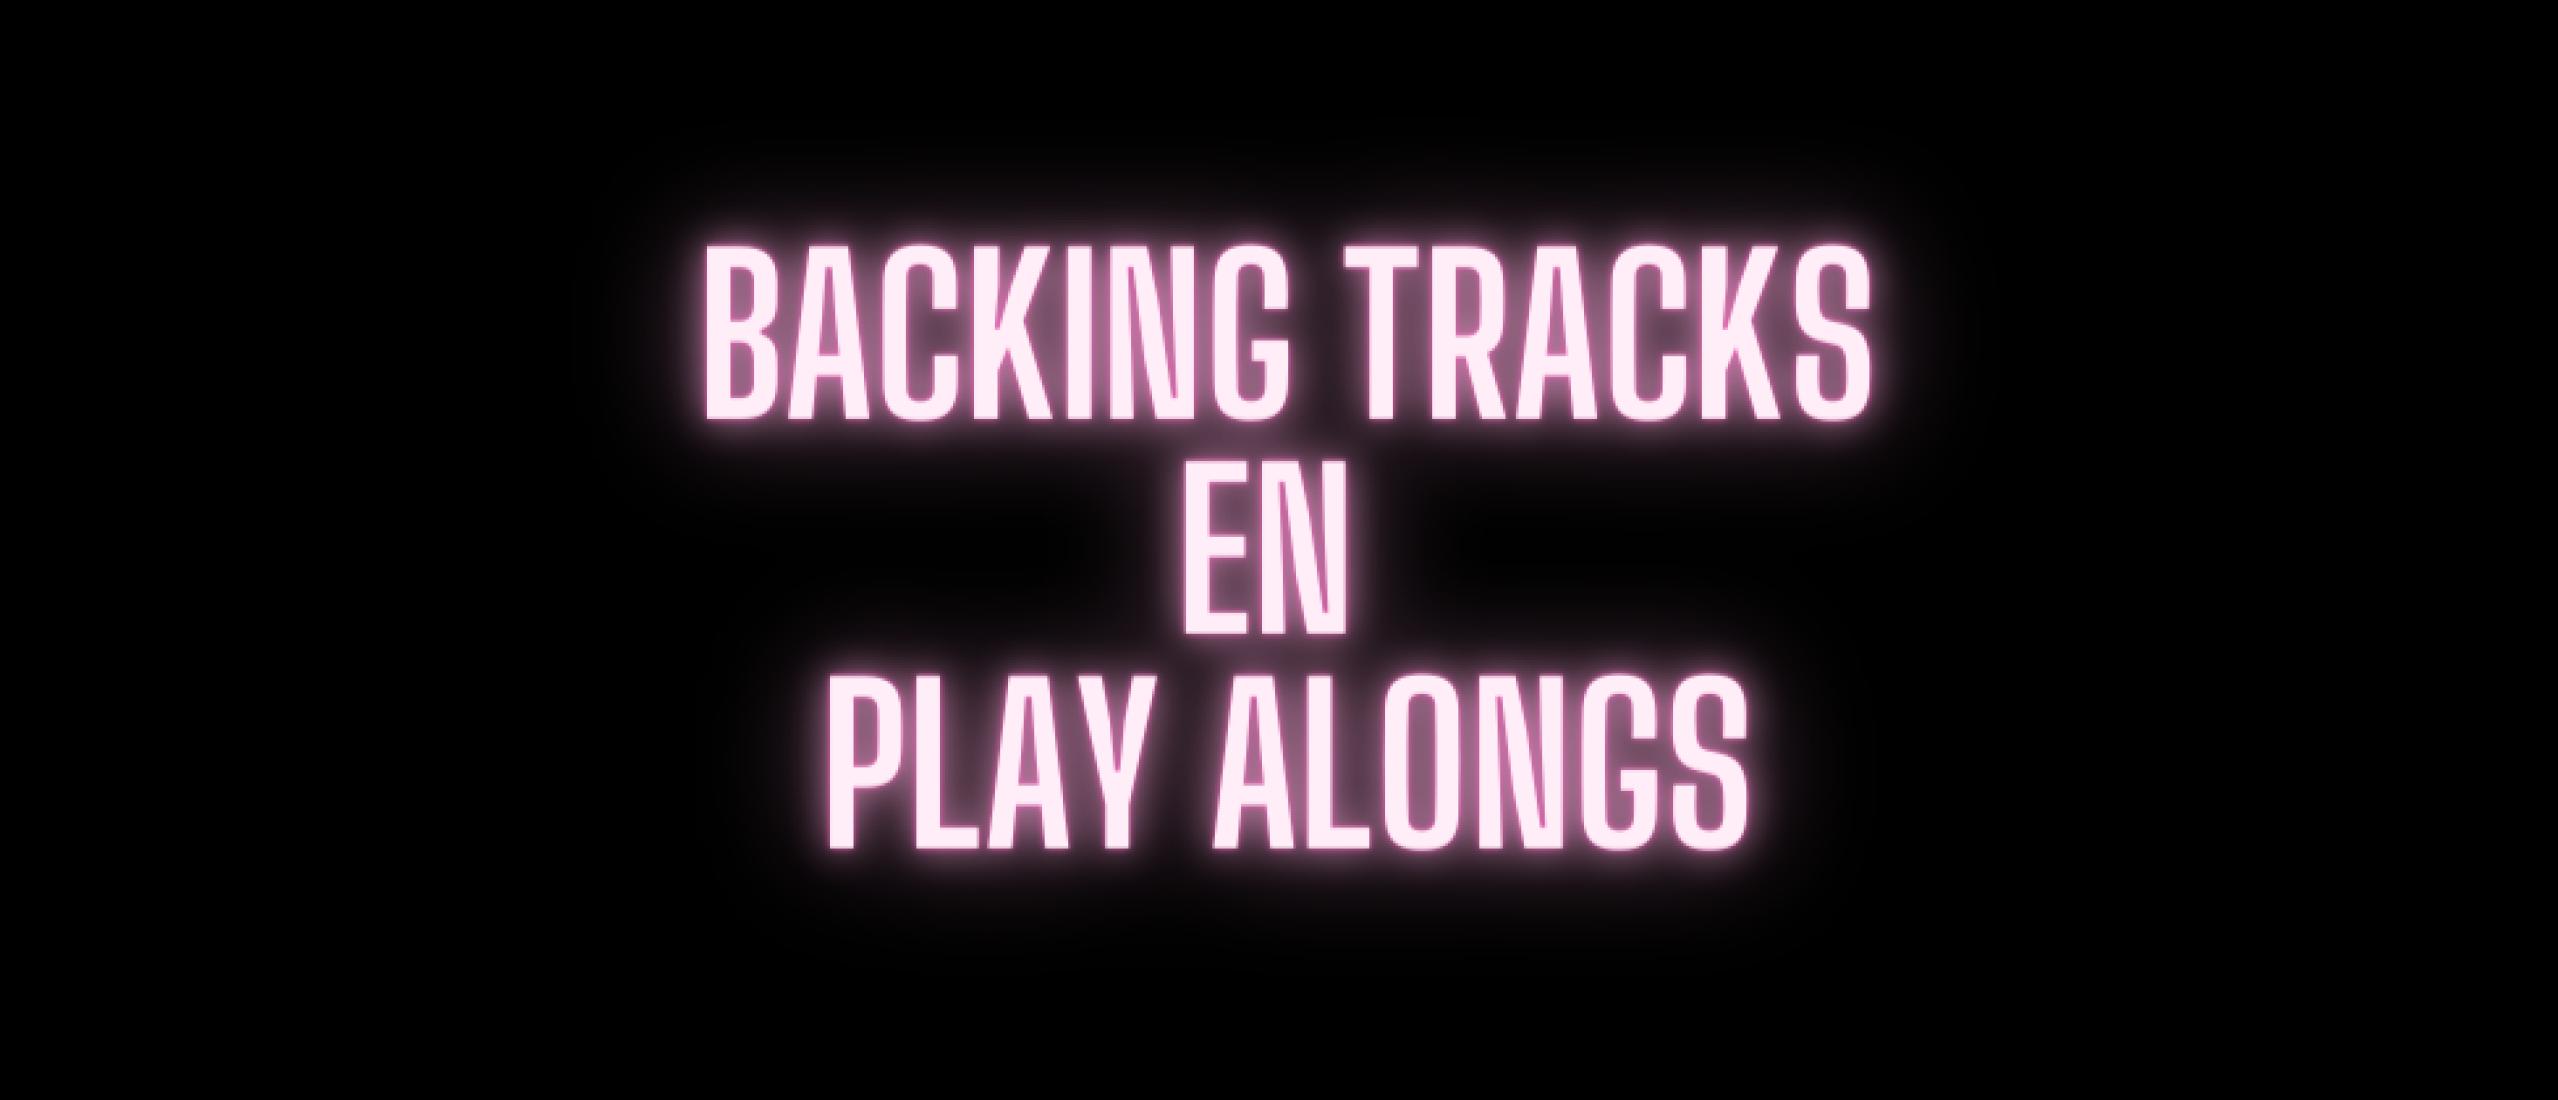 Gitaar akkoorden meespelen met backing tracks en play alongs